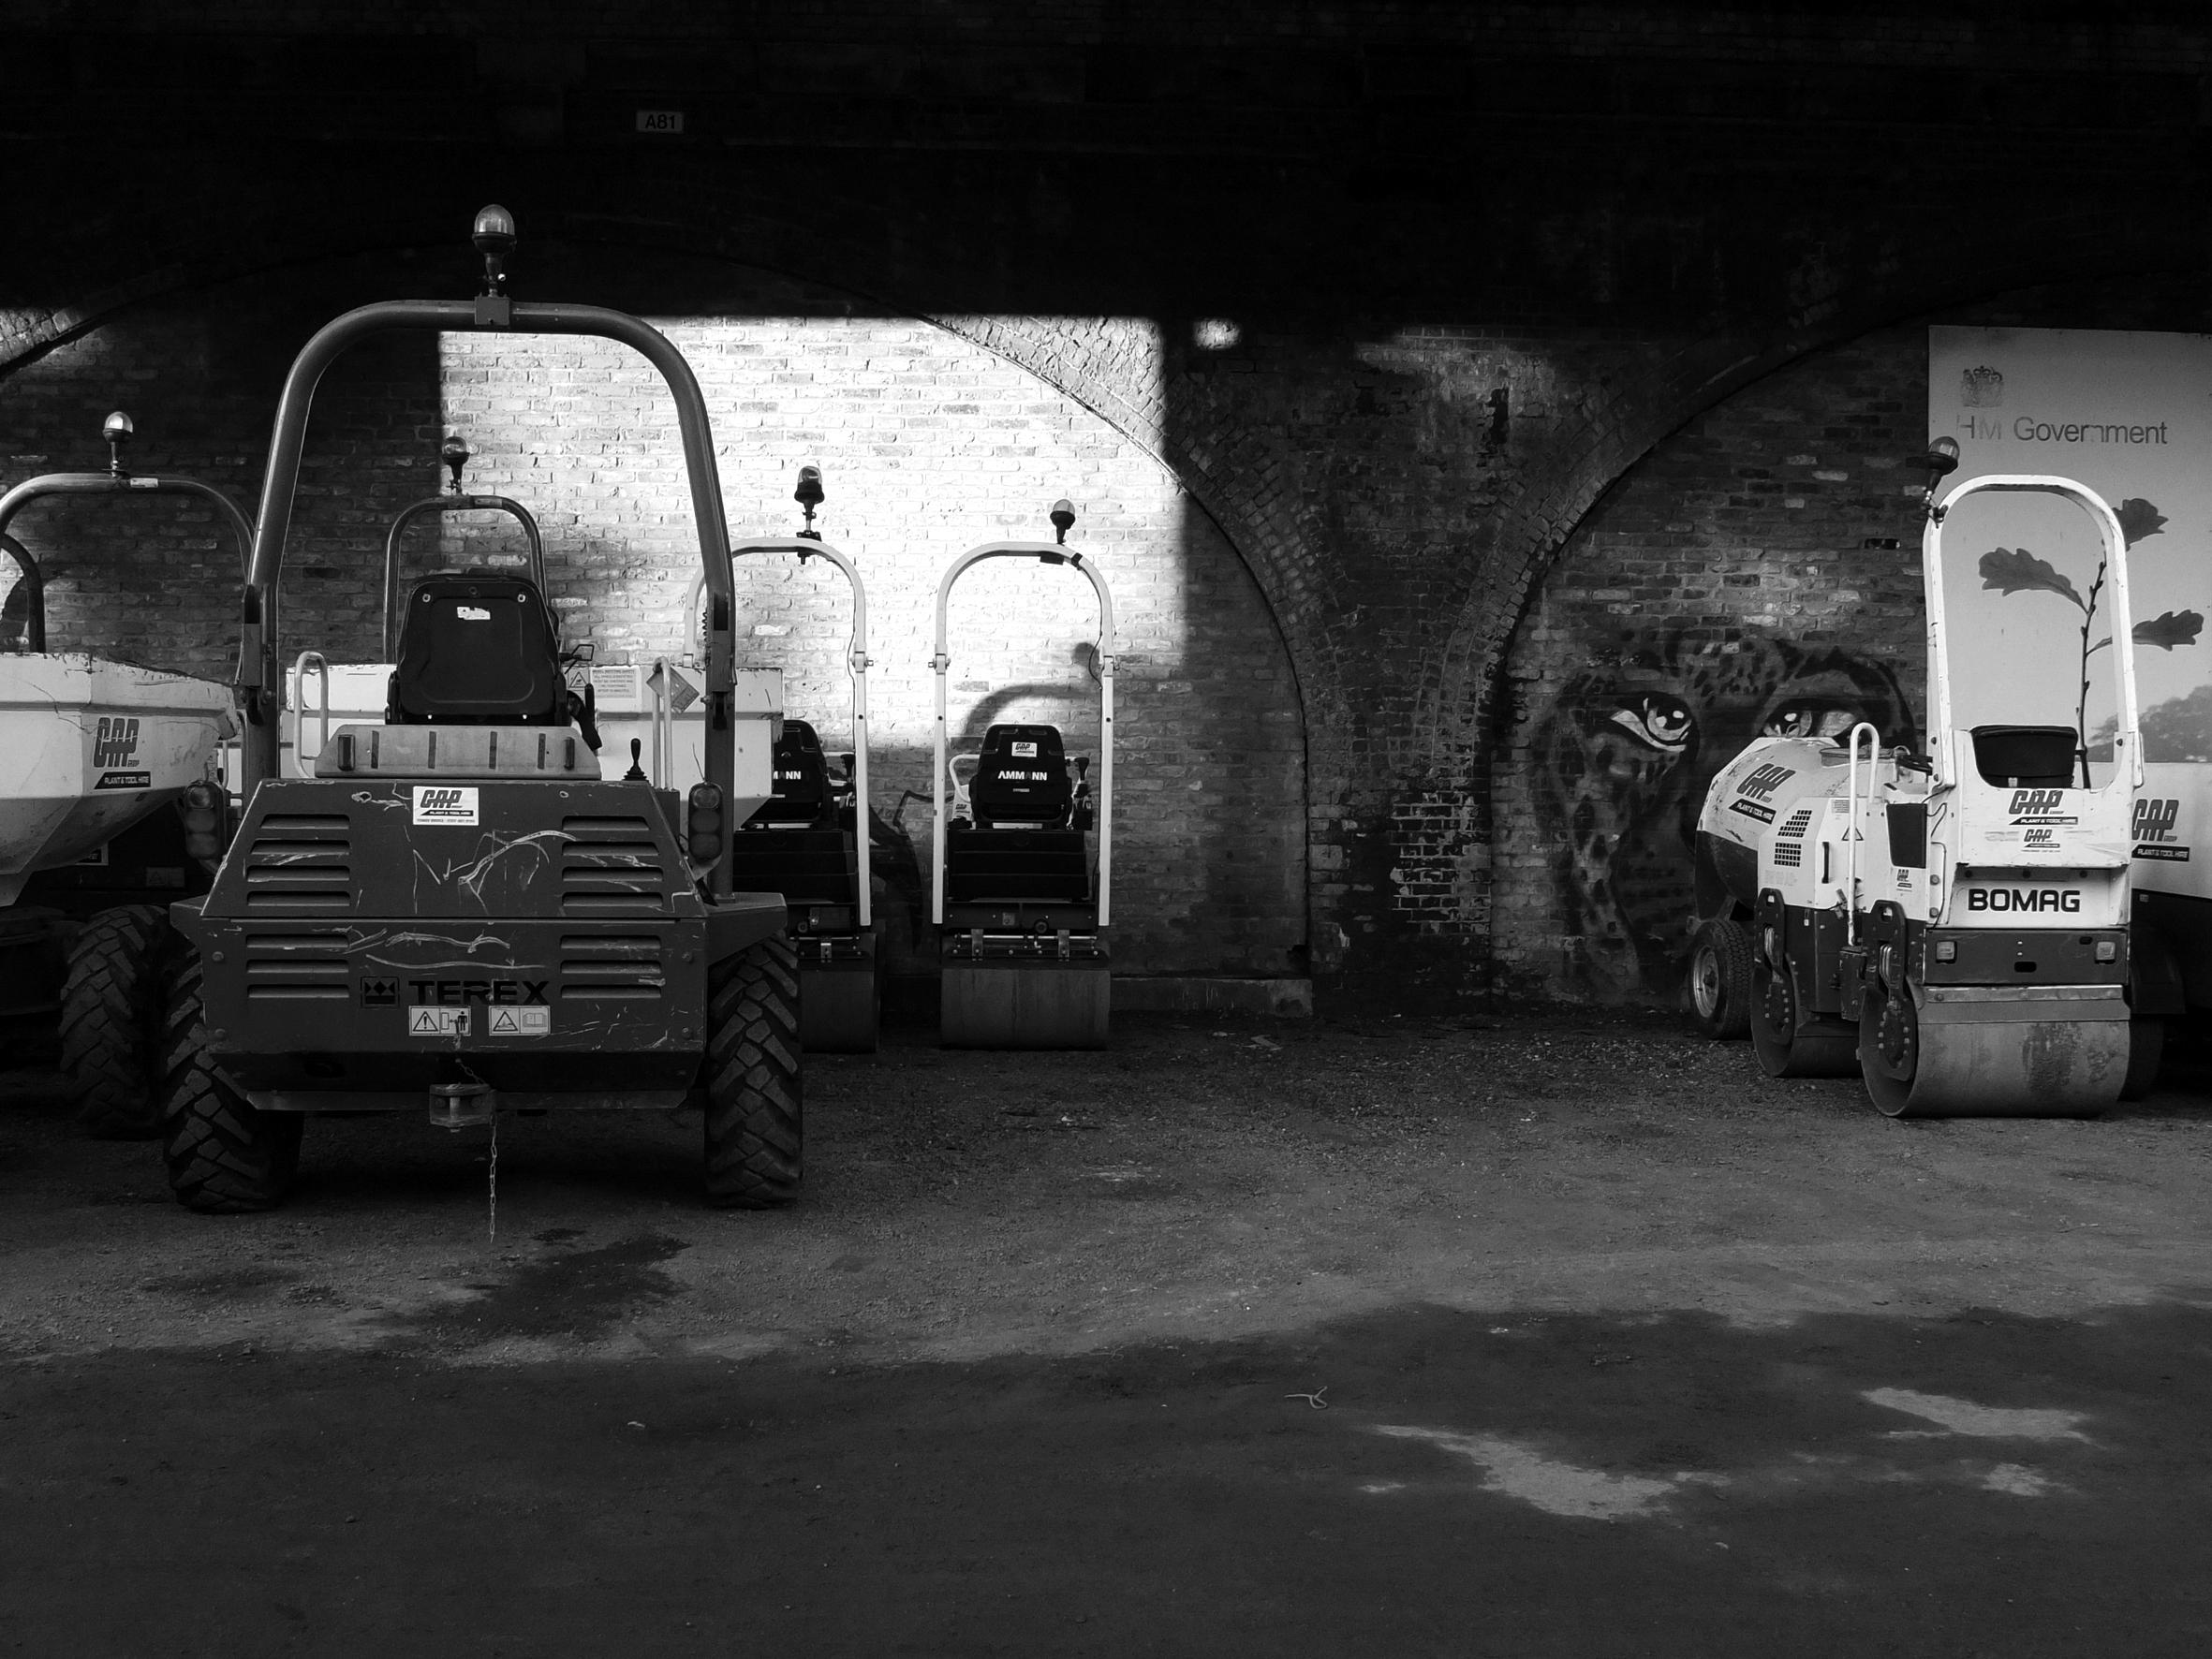 """Not to find one's way. """"Deutsche Guggenheim"""", B/W Photograph, 2012"""